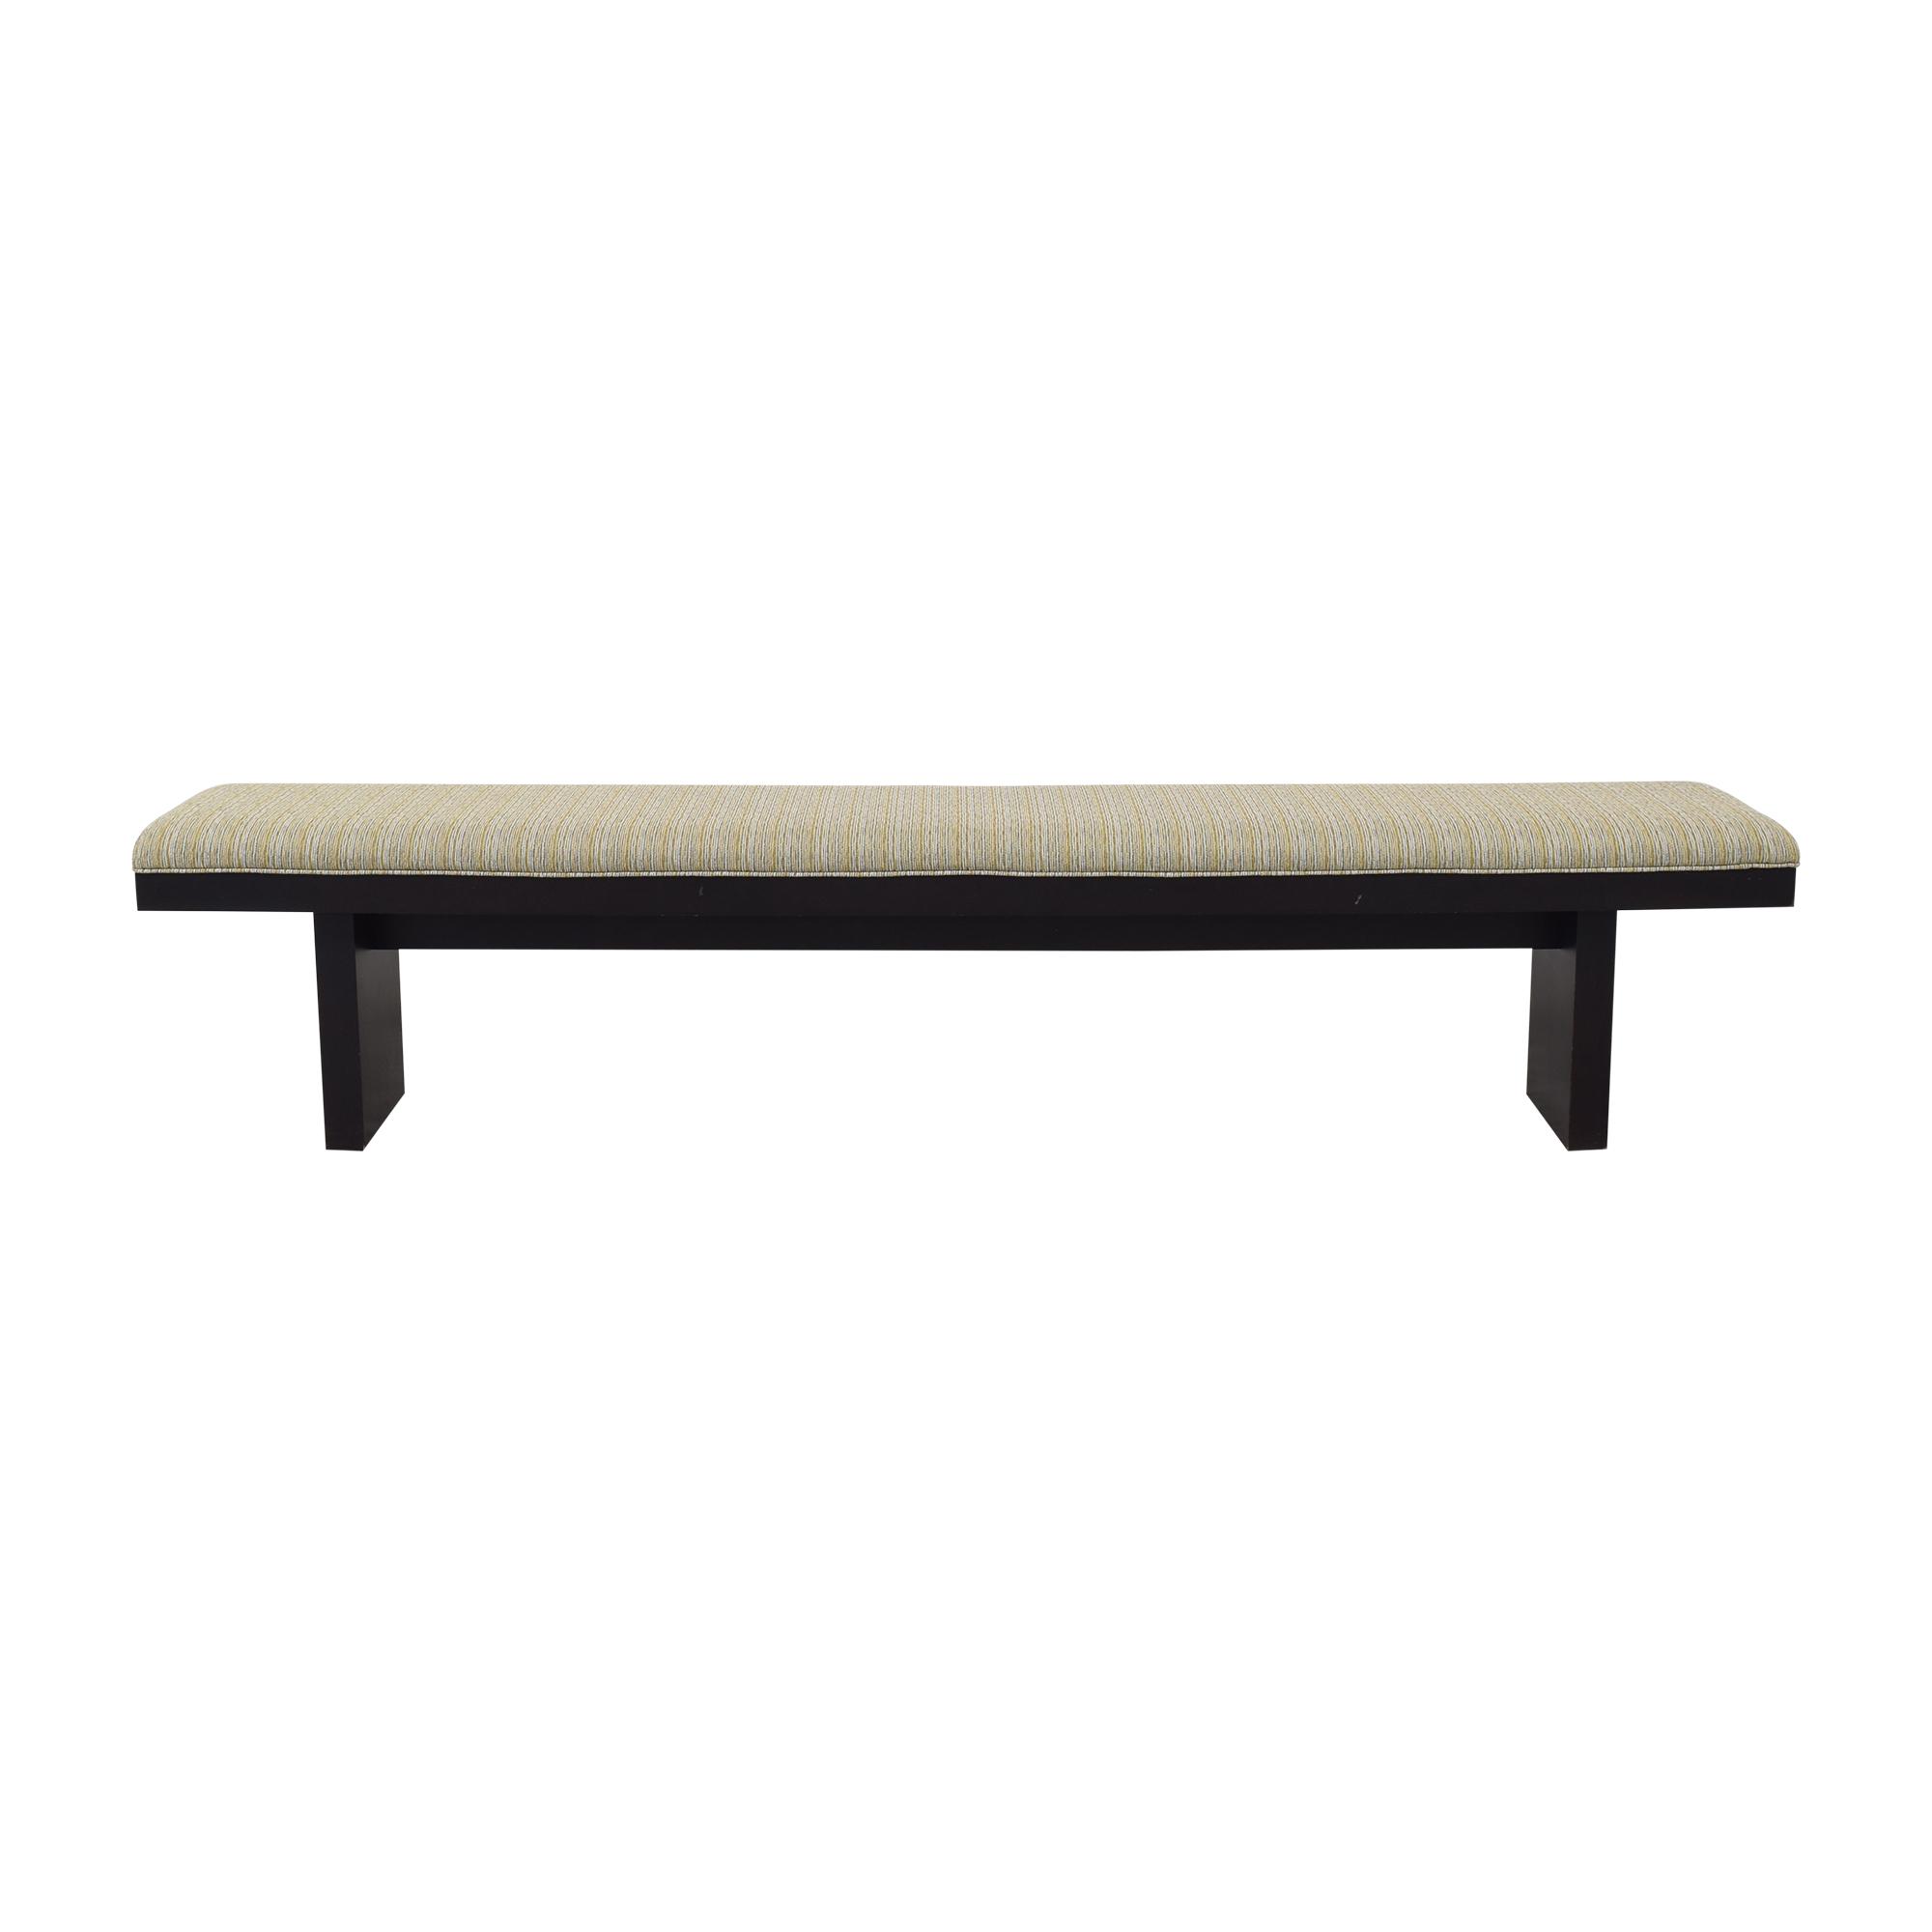 Desiron Upholstered Bench Desiron